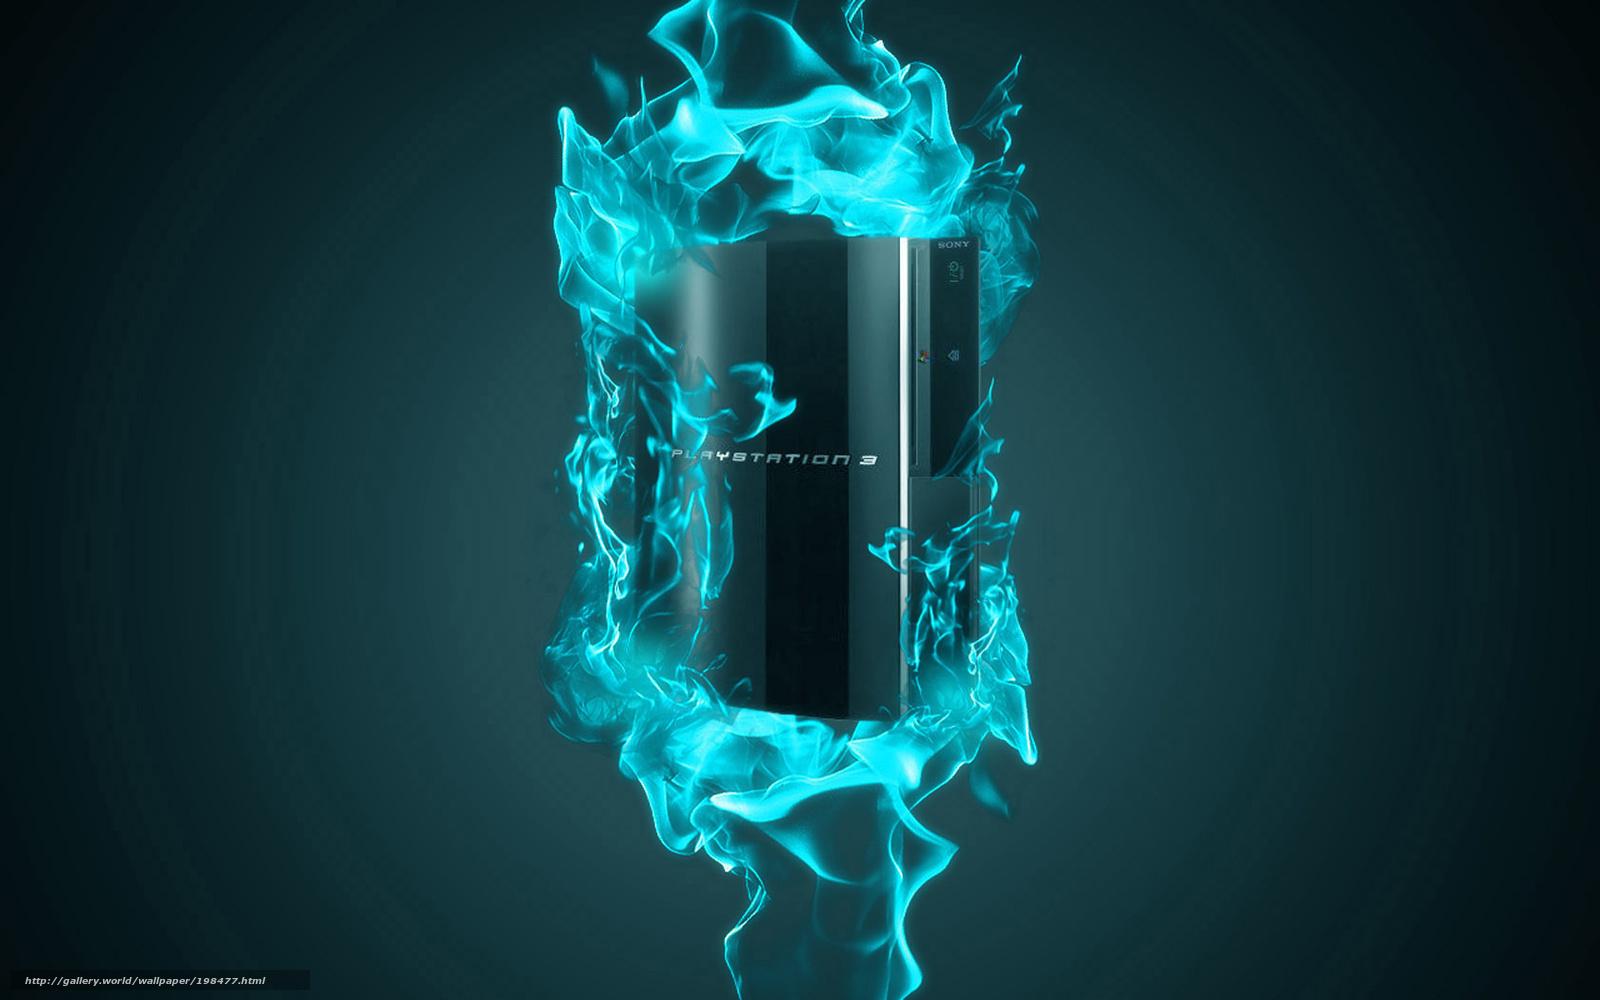 Descargar gratis fuego,  Playstation 3 Fondos de escritorio en la resolucin 1680x1050 — imagen №198477